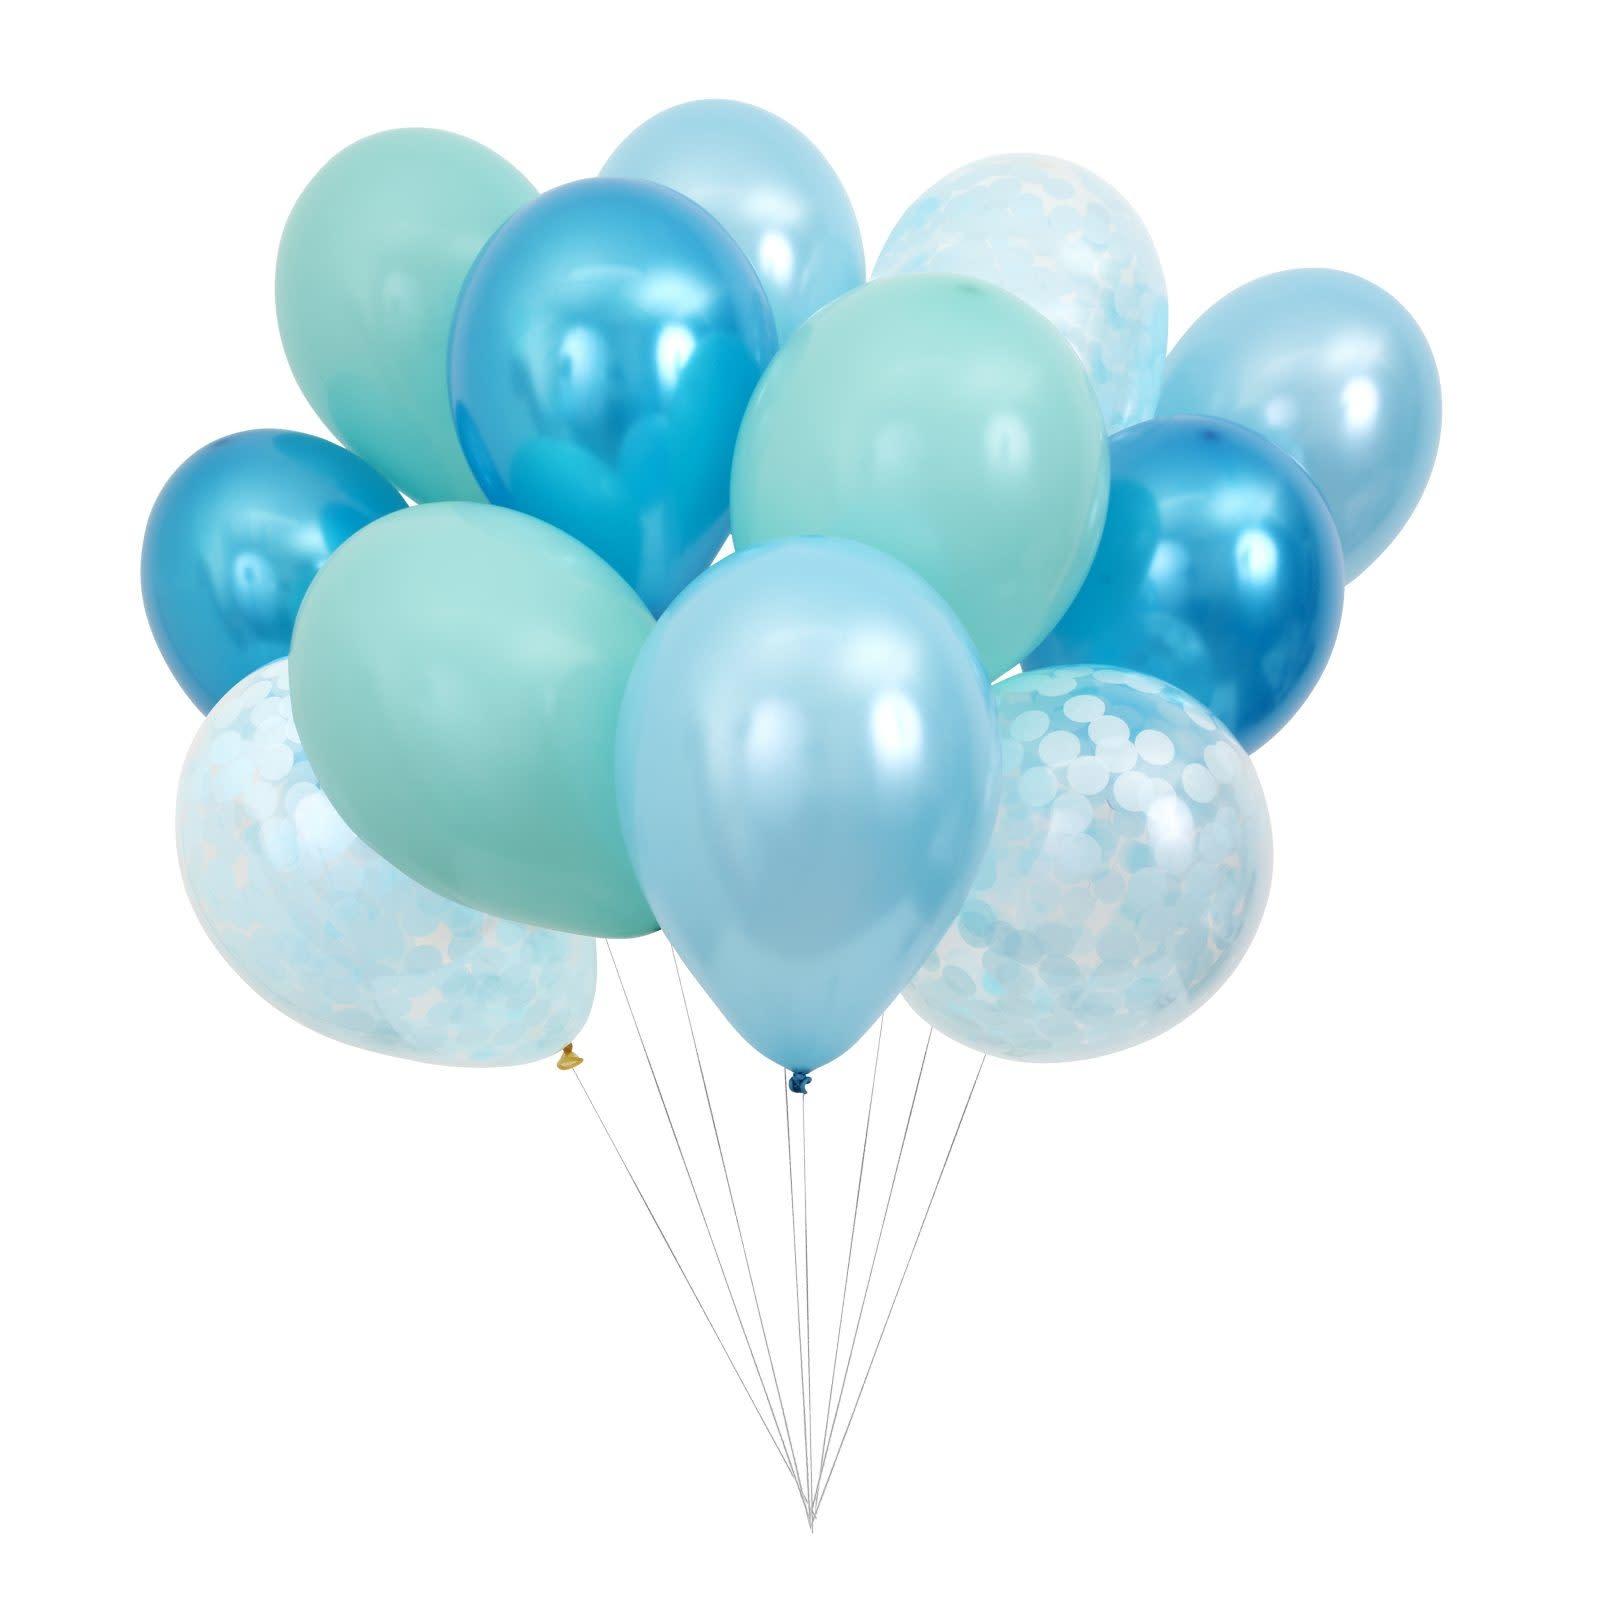 MERIMERI Beautiful balloons blue